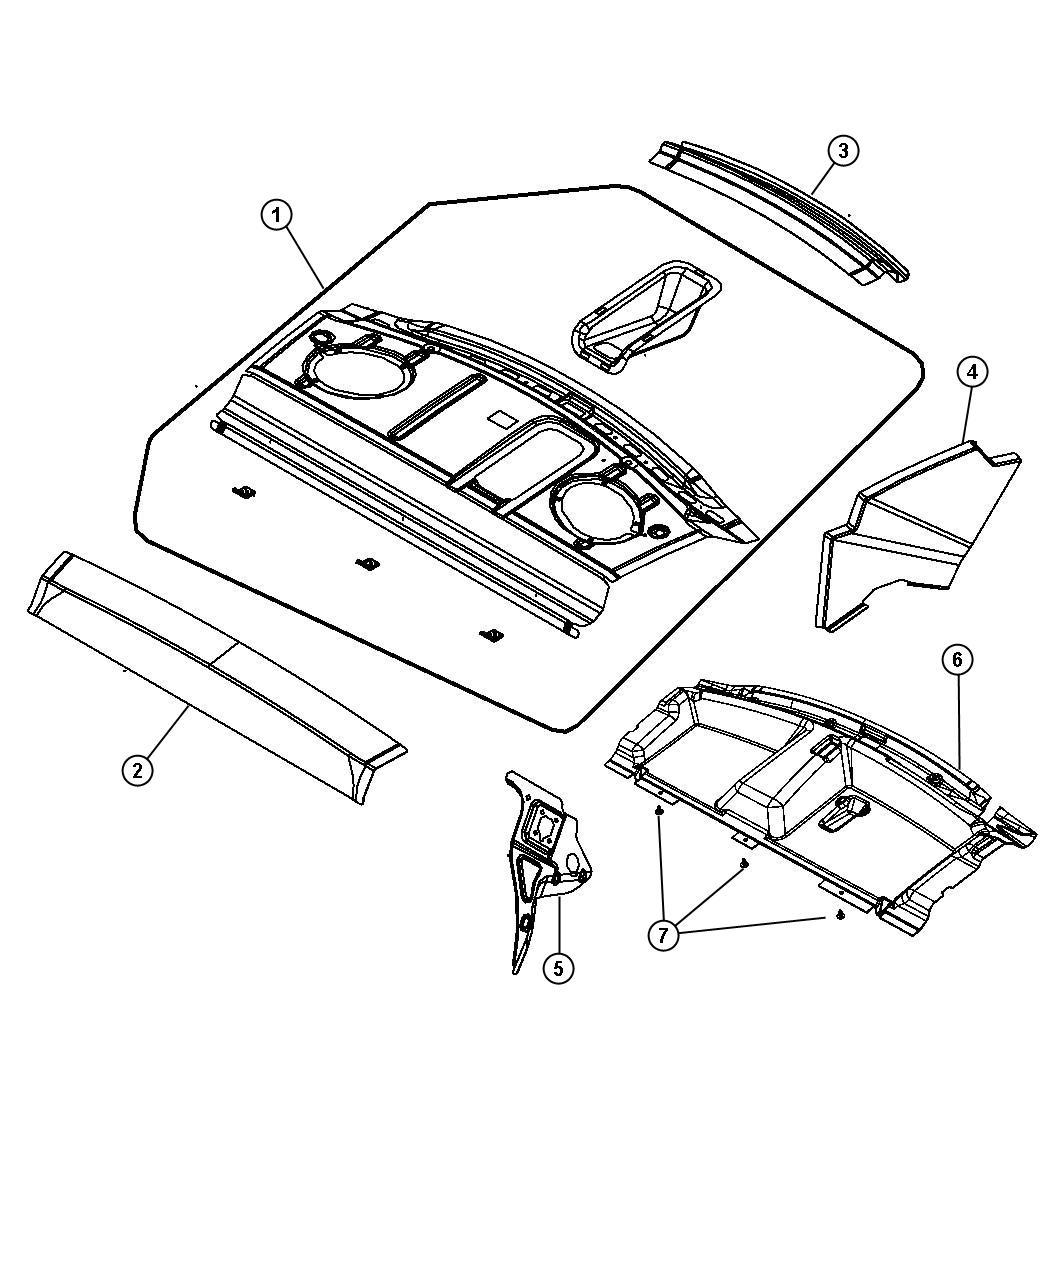 2010 Chrysler Sebring Panel Shelf Rear Body 05008827ae Chrysler Parts Overstock Lakeland Fl